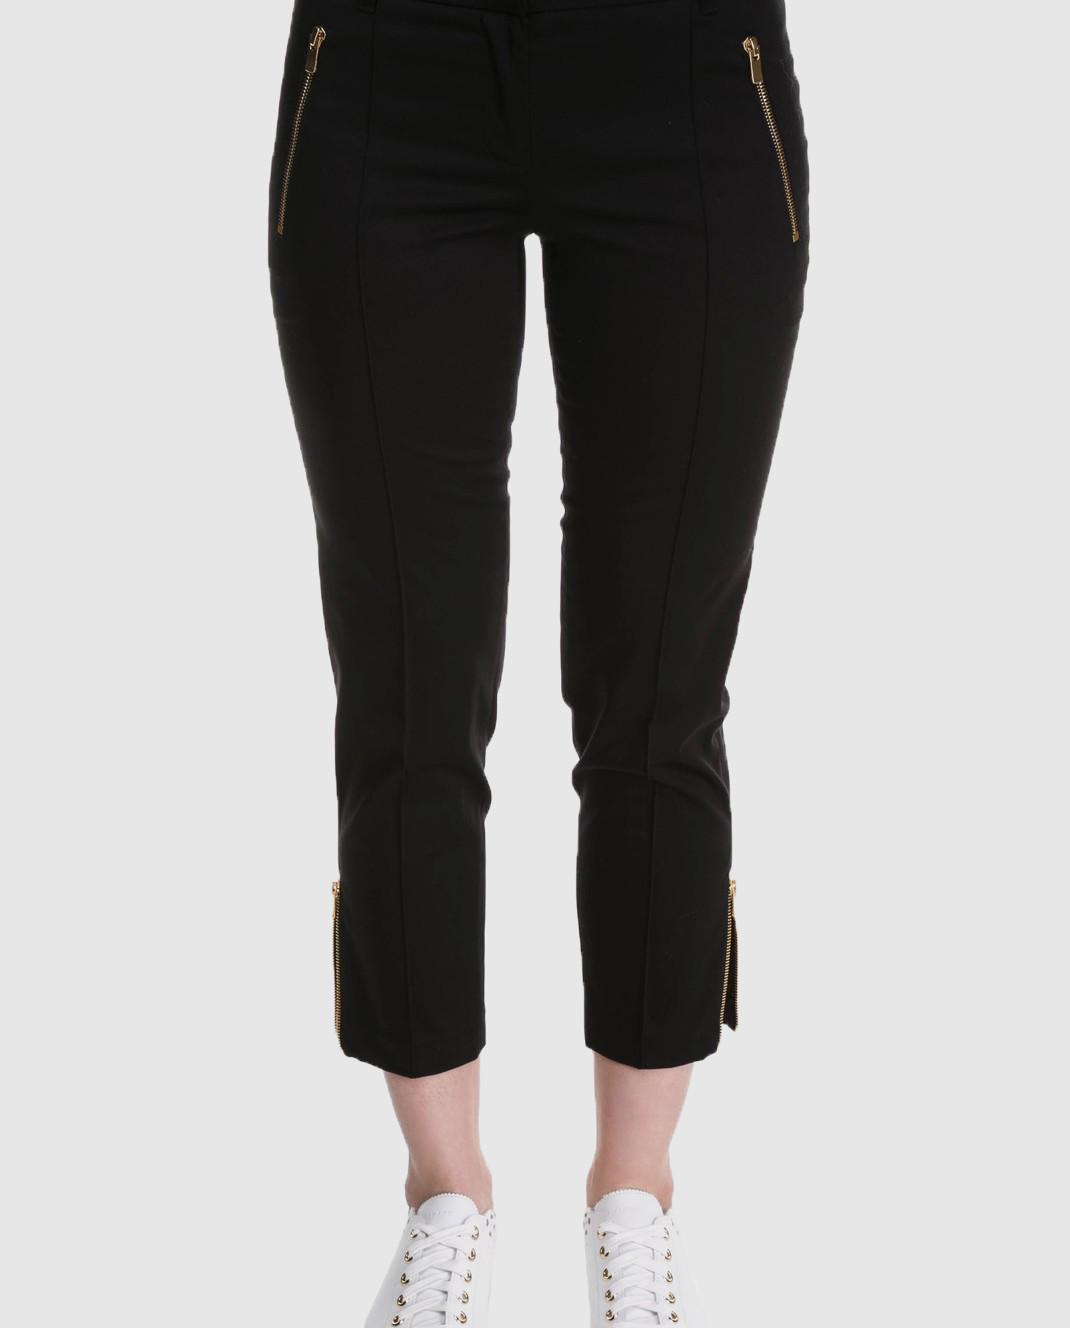 Twin Set Черные брюки TS826B изображение 3